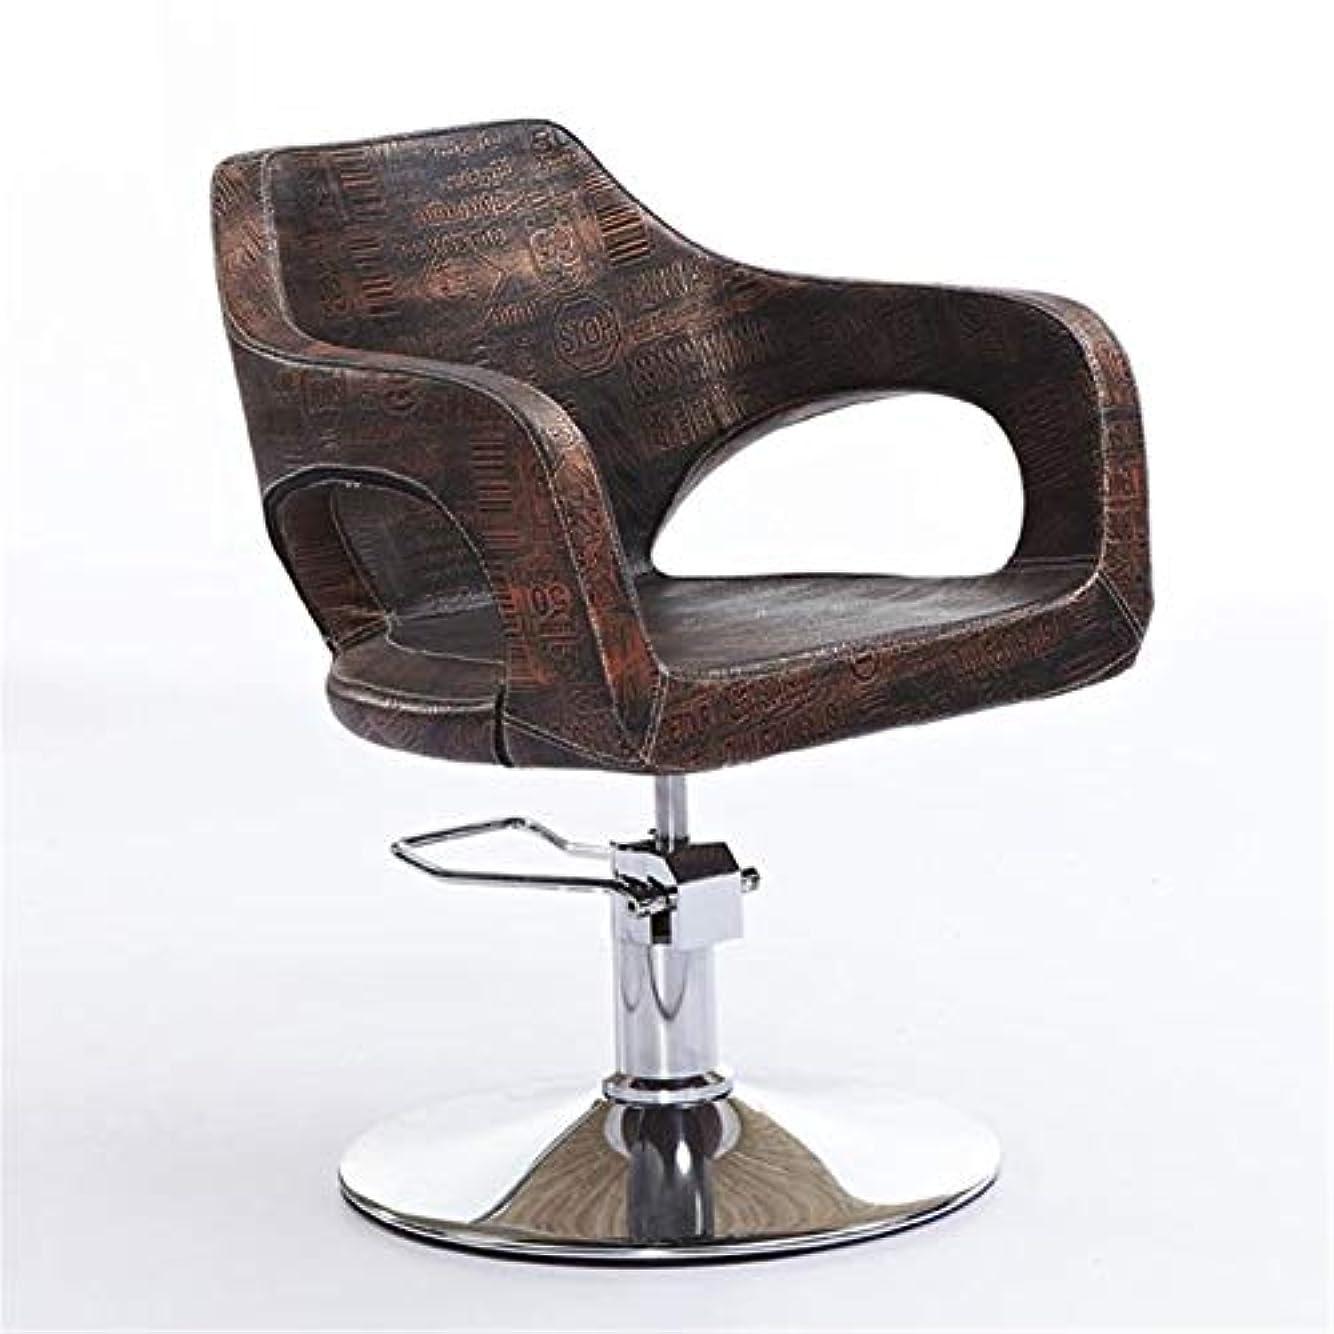 貧しい囲む高齢者サロンチェアファッションヘアサロンチェア美容ヘアカットチェア油圧理髪チェア調節可能な高さ特別なヘアサロン機器,D